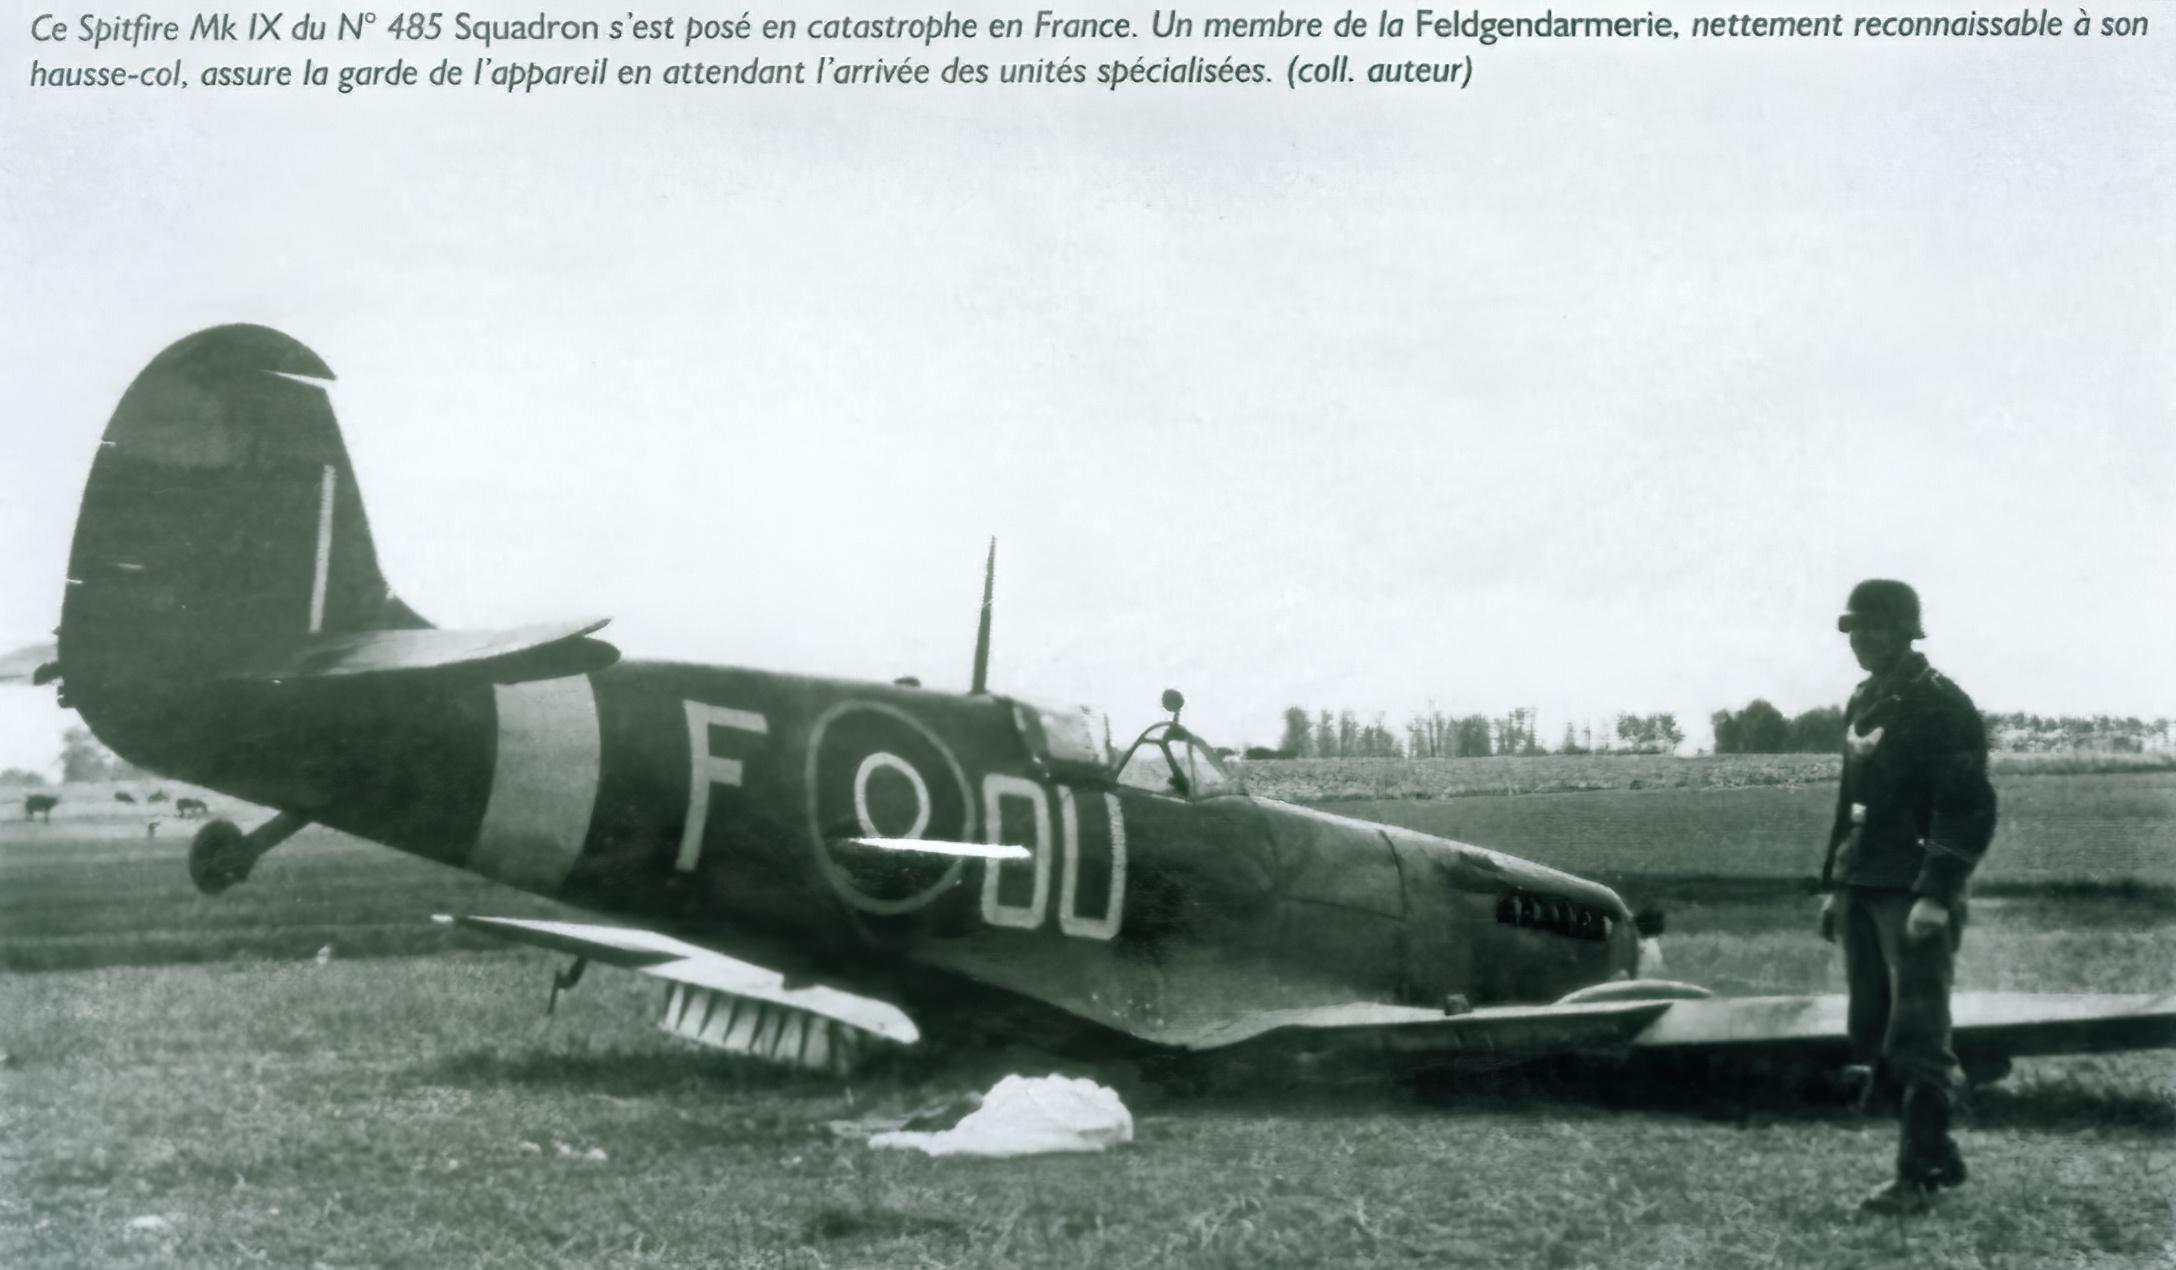 Spitfire MkIX RNZAF 485Sqn OUF force landed France 01